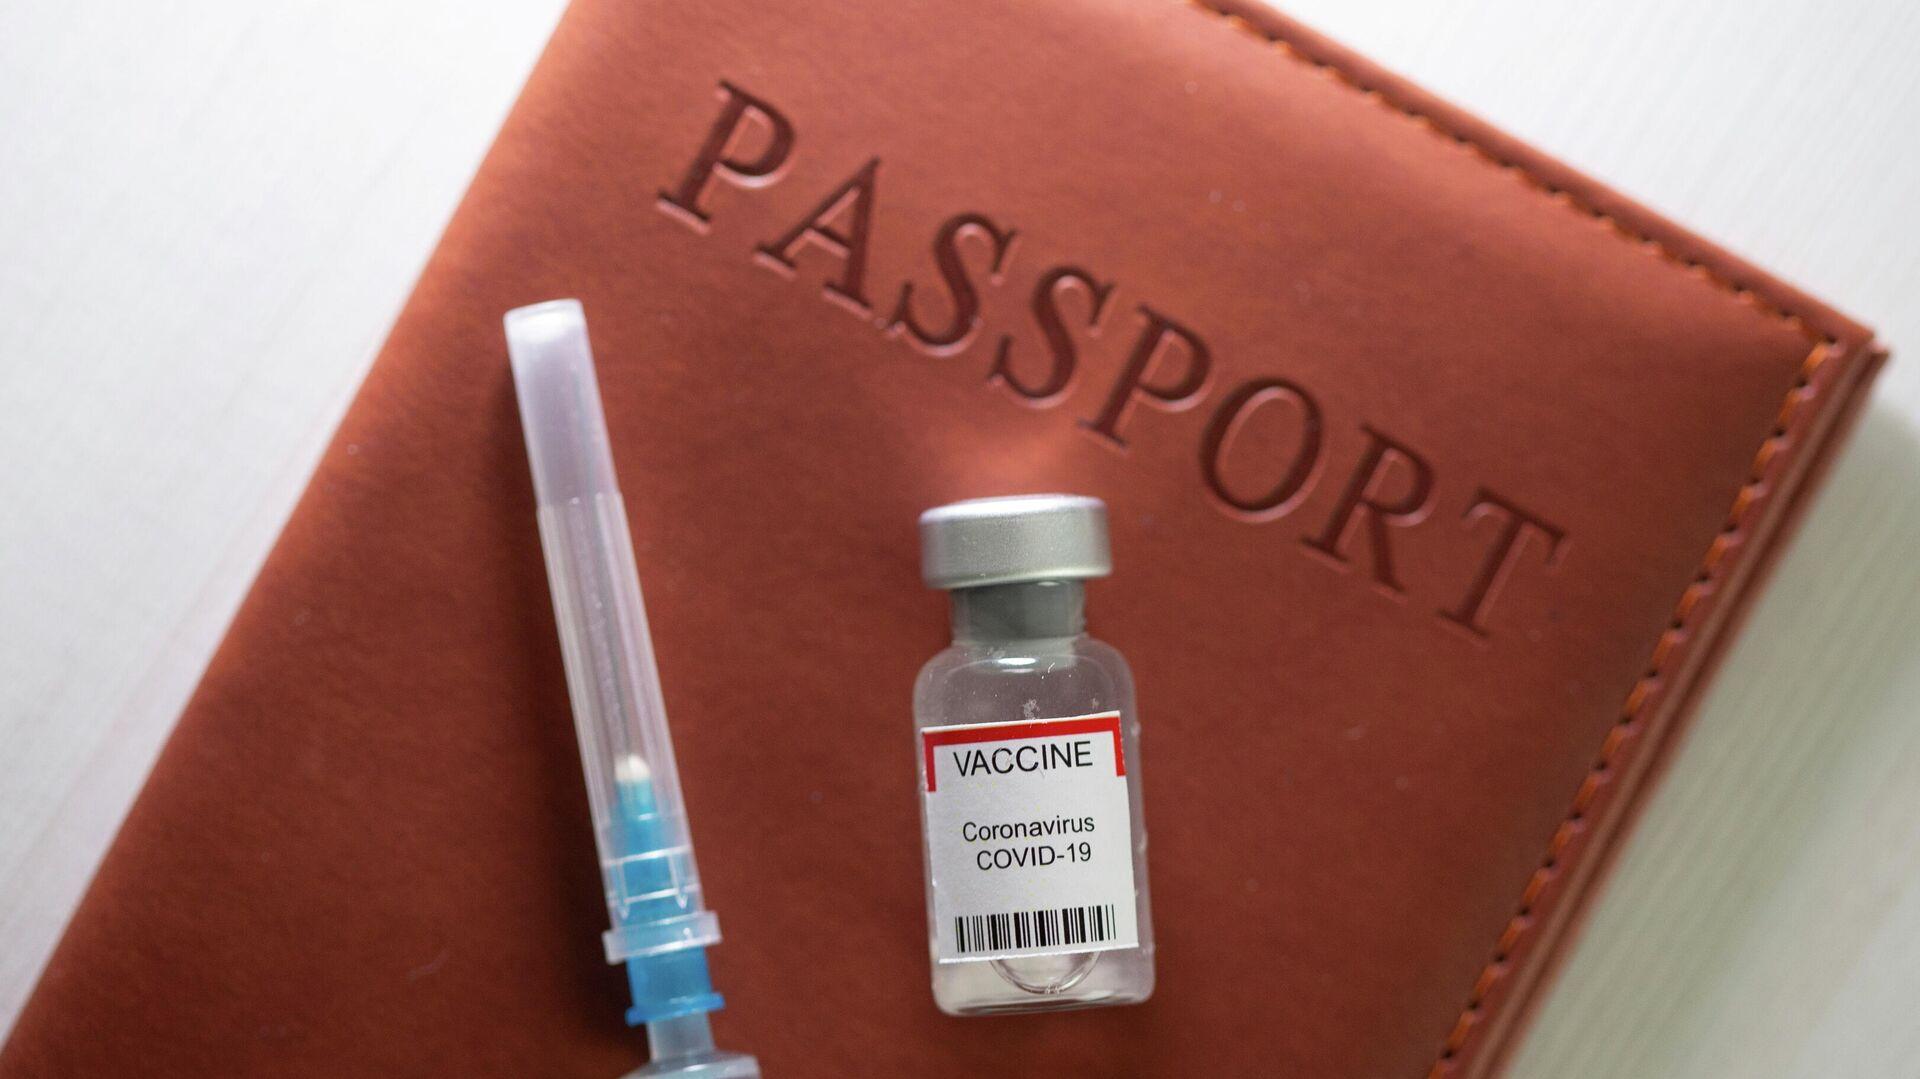 Pasaporte de vacunación contra el coronavirus - Sputnik Mundo, 1920, 07.06.2021